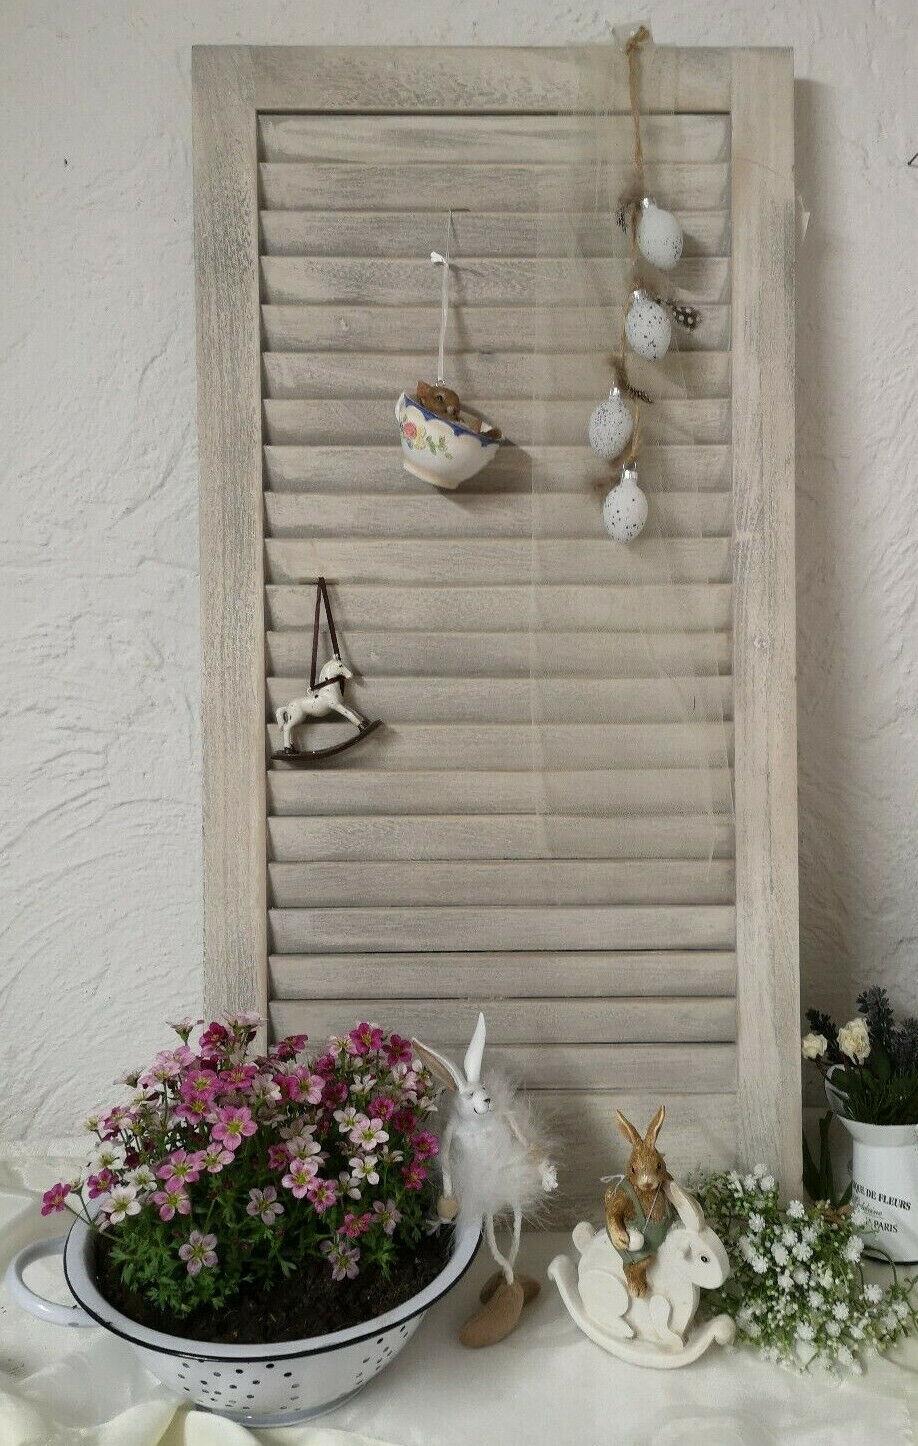 Fensterladen *Holz Grau weiß Gartendeko Küche Shabby Chic Deko 43x 83cm Vintage